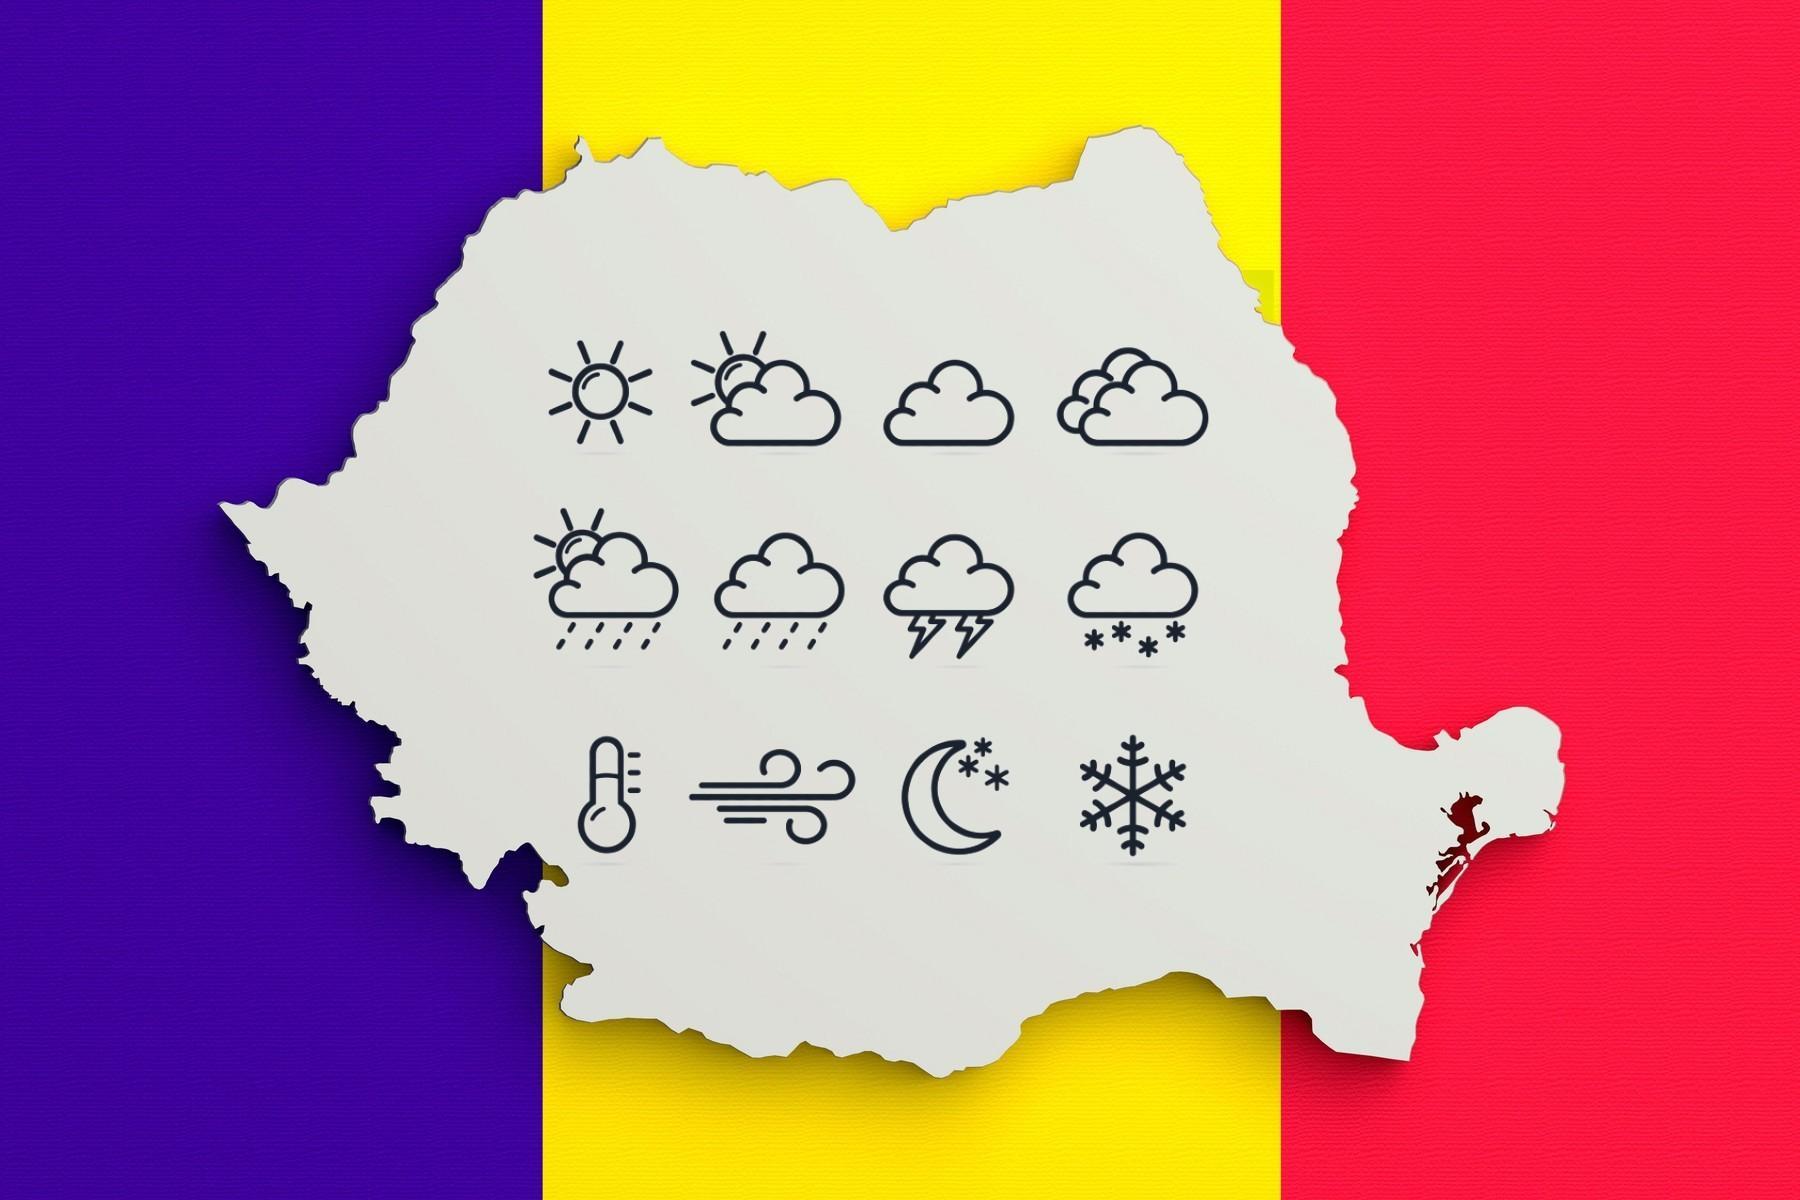 Prognoză meteo 10 noiembrie 2020. Cum e vremea în România și care sunt previziunile ANM pentru astăzi